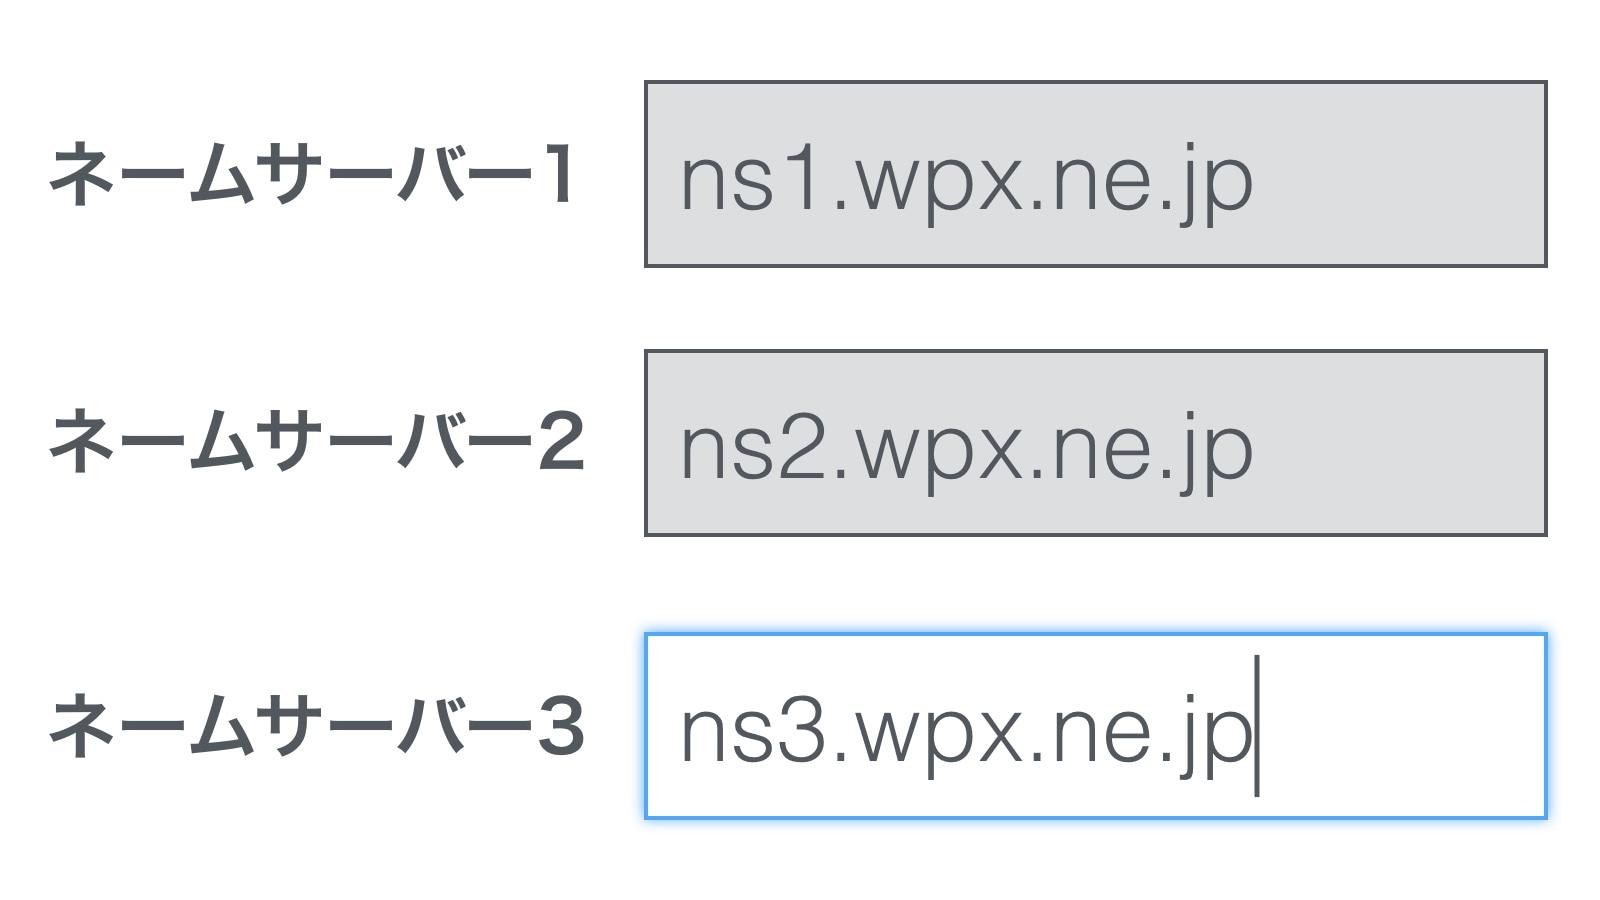 wpXレンタルサーバー ネームサーバー設定